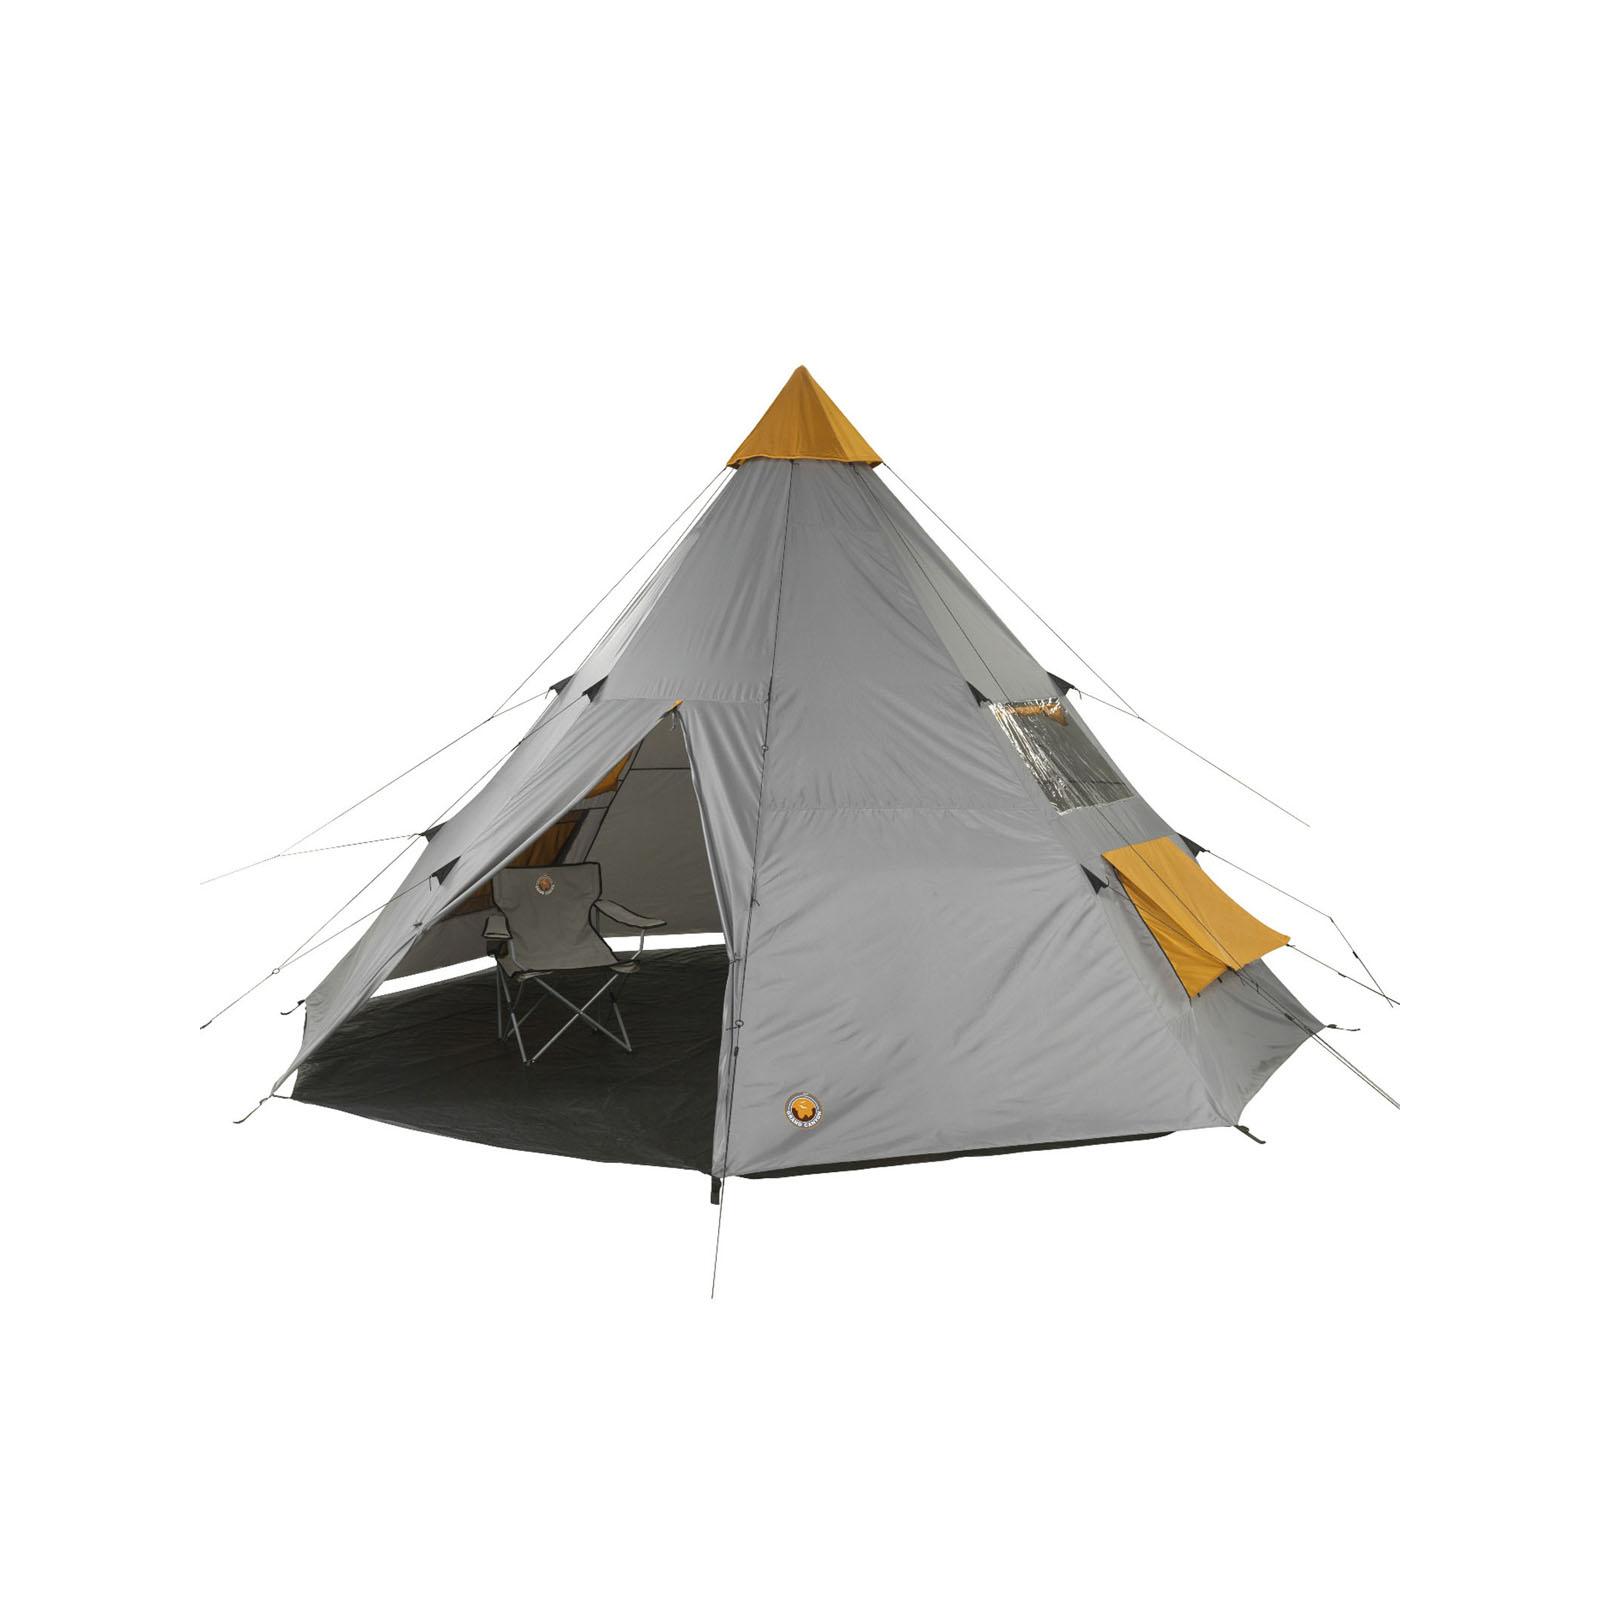 Zelt Für Roadtrip : Tipi zelt für personen grand canyon tepee tipizelt